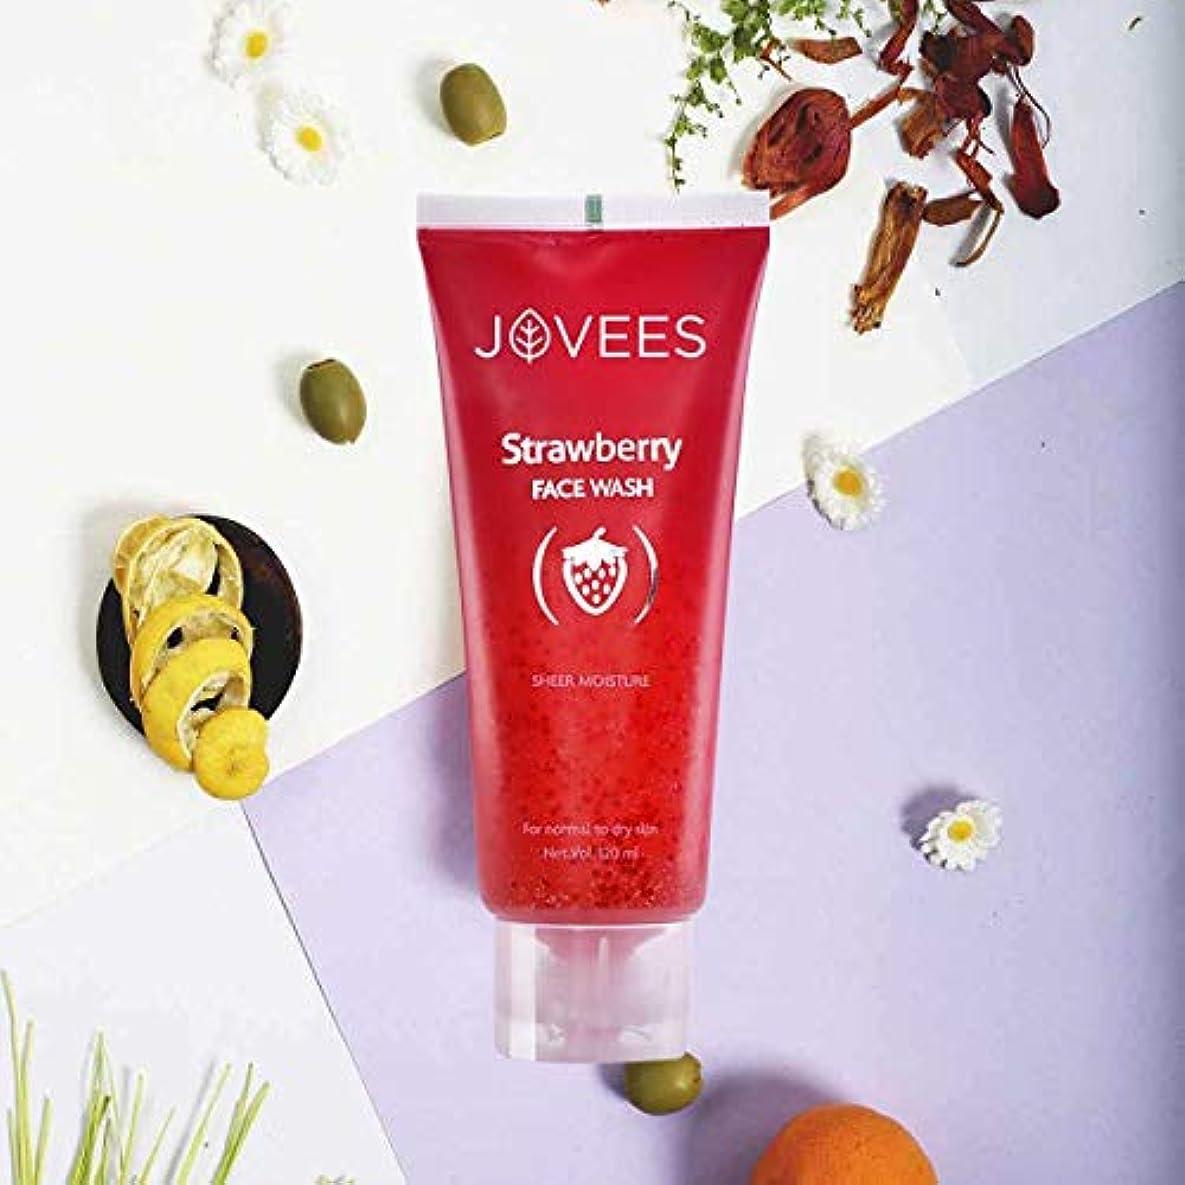 リフレッシュ抑圧者つかむJovees Strawberry Face Wash developed for dry skin helps to remove dead cells 乾燥肌用に開発されたストロベリーフェイスウォッシュは、死んだ細胞...